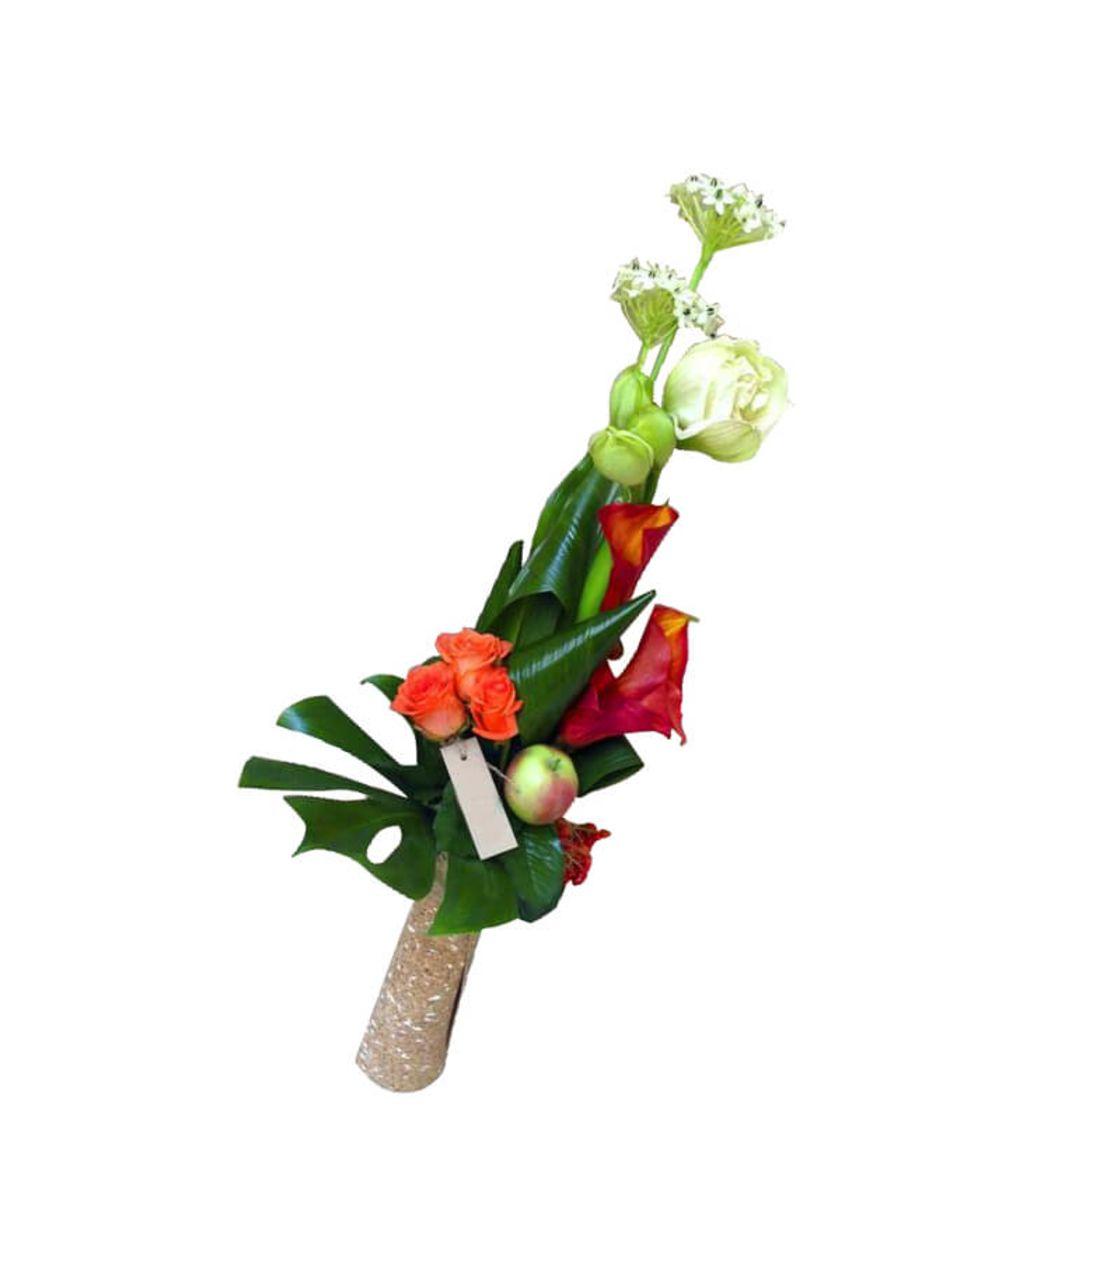 Букет мужчине из живых цветов с яблоком. Superflowers.com.ua. Доставка букетов для мужчин в Киеве